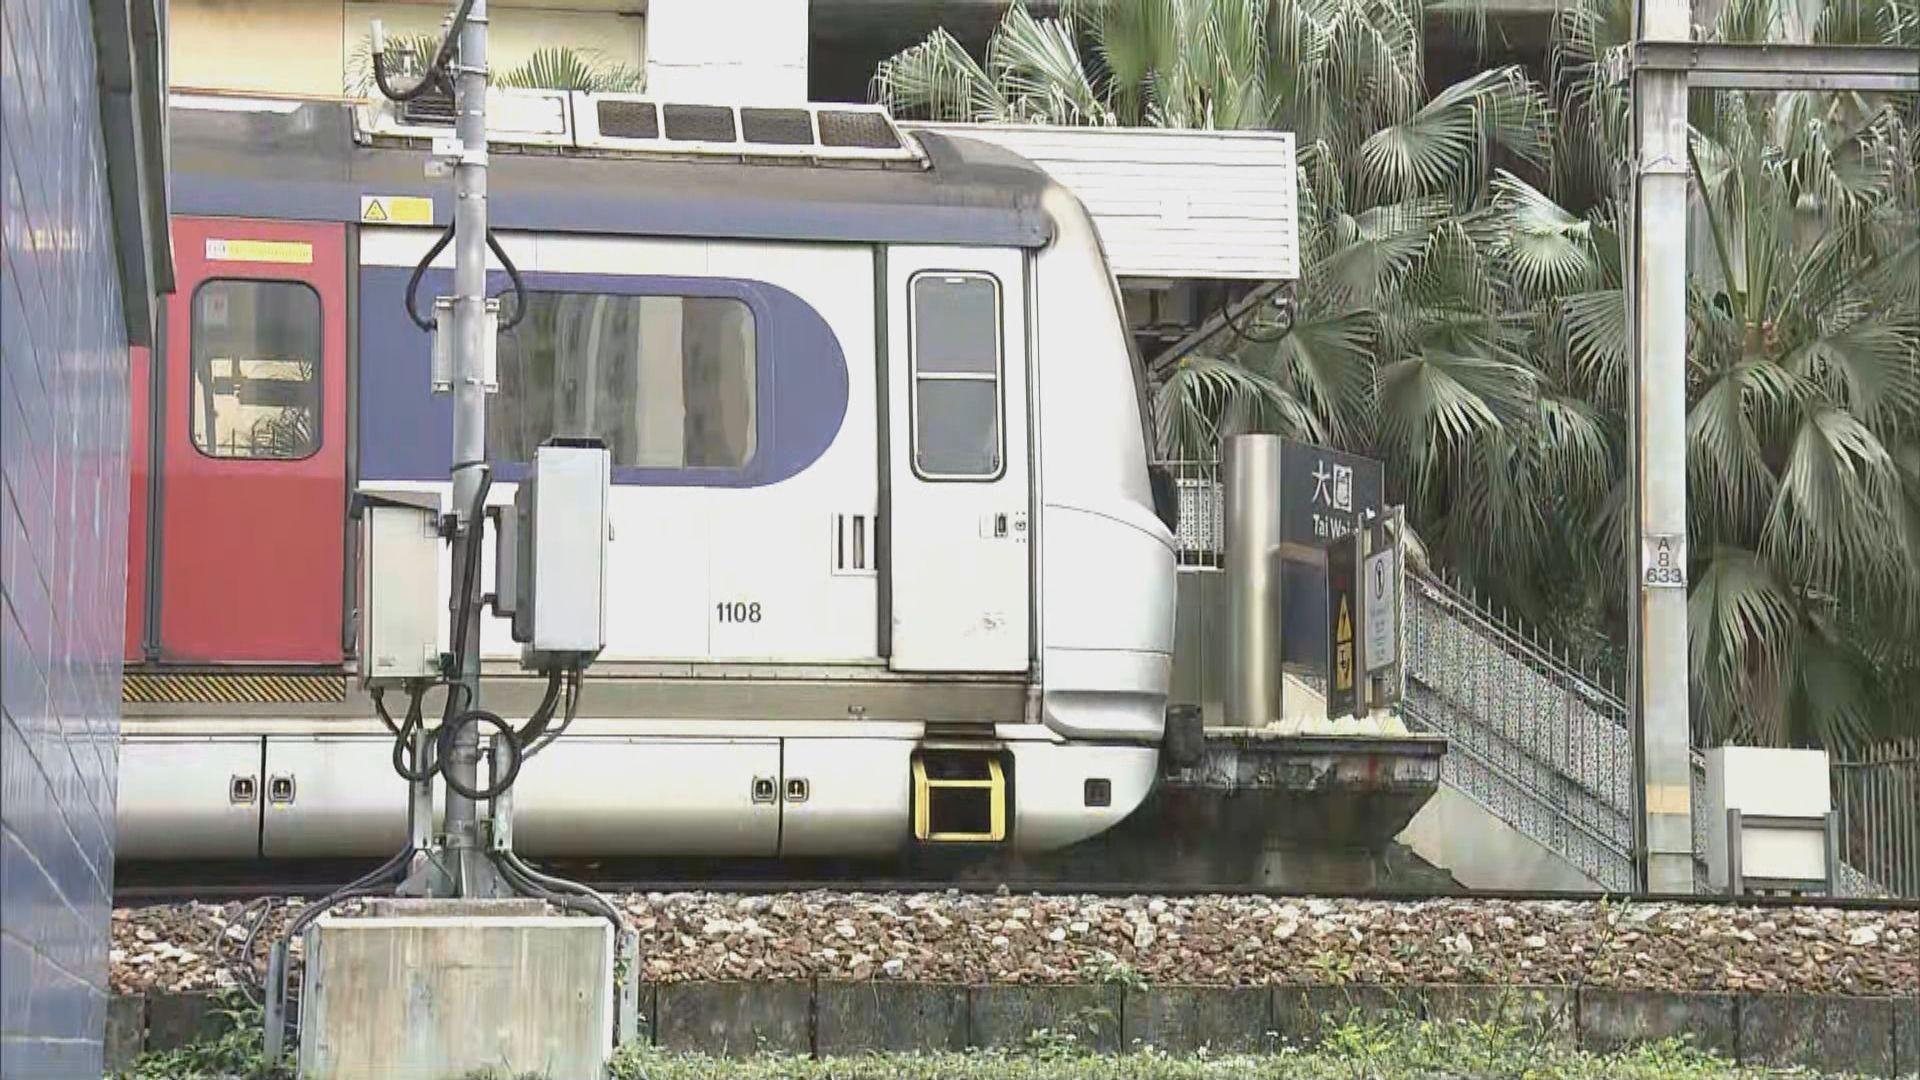 東鐵路軌發現懷疑爆炸品 九龍塘至大圍服務暫停